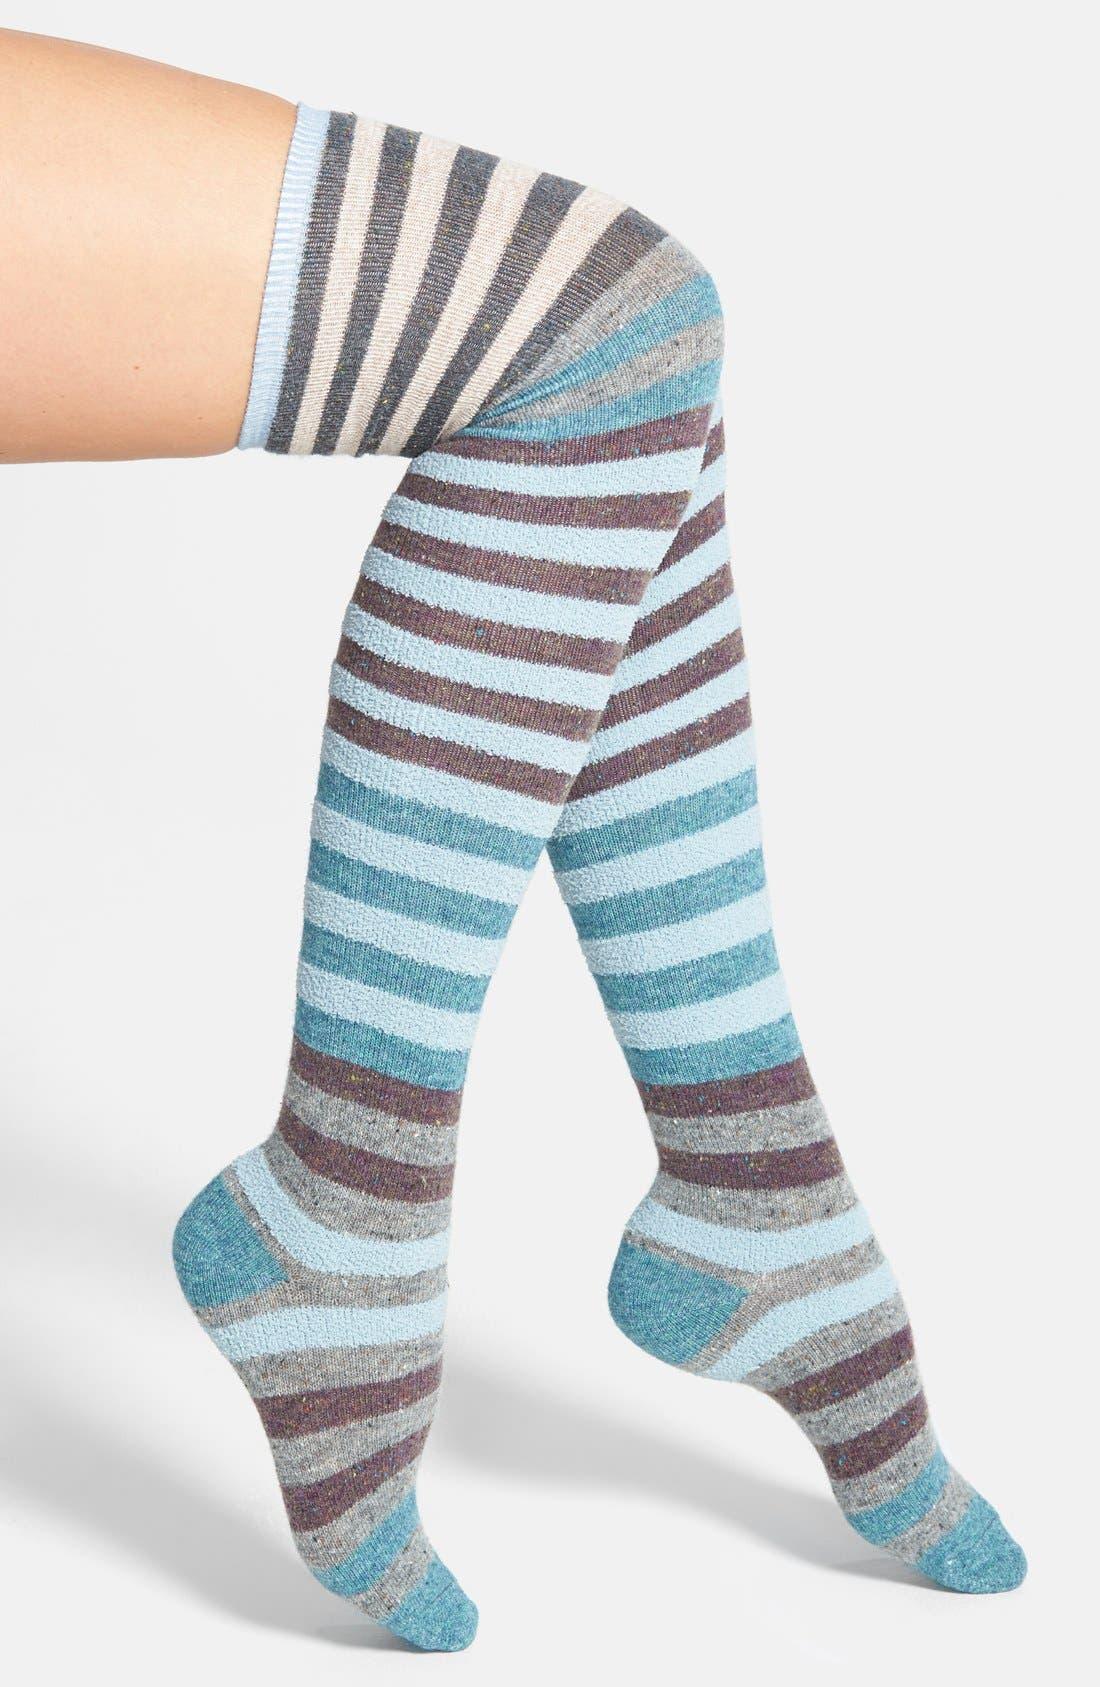 Alternate Image 1 Selected - LEMON 'Playground' Stripe Over The Knee Socks